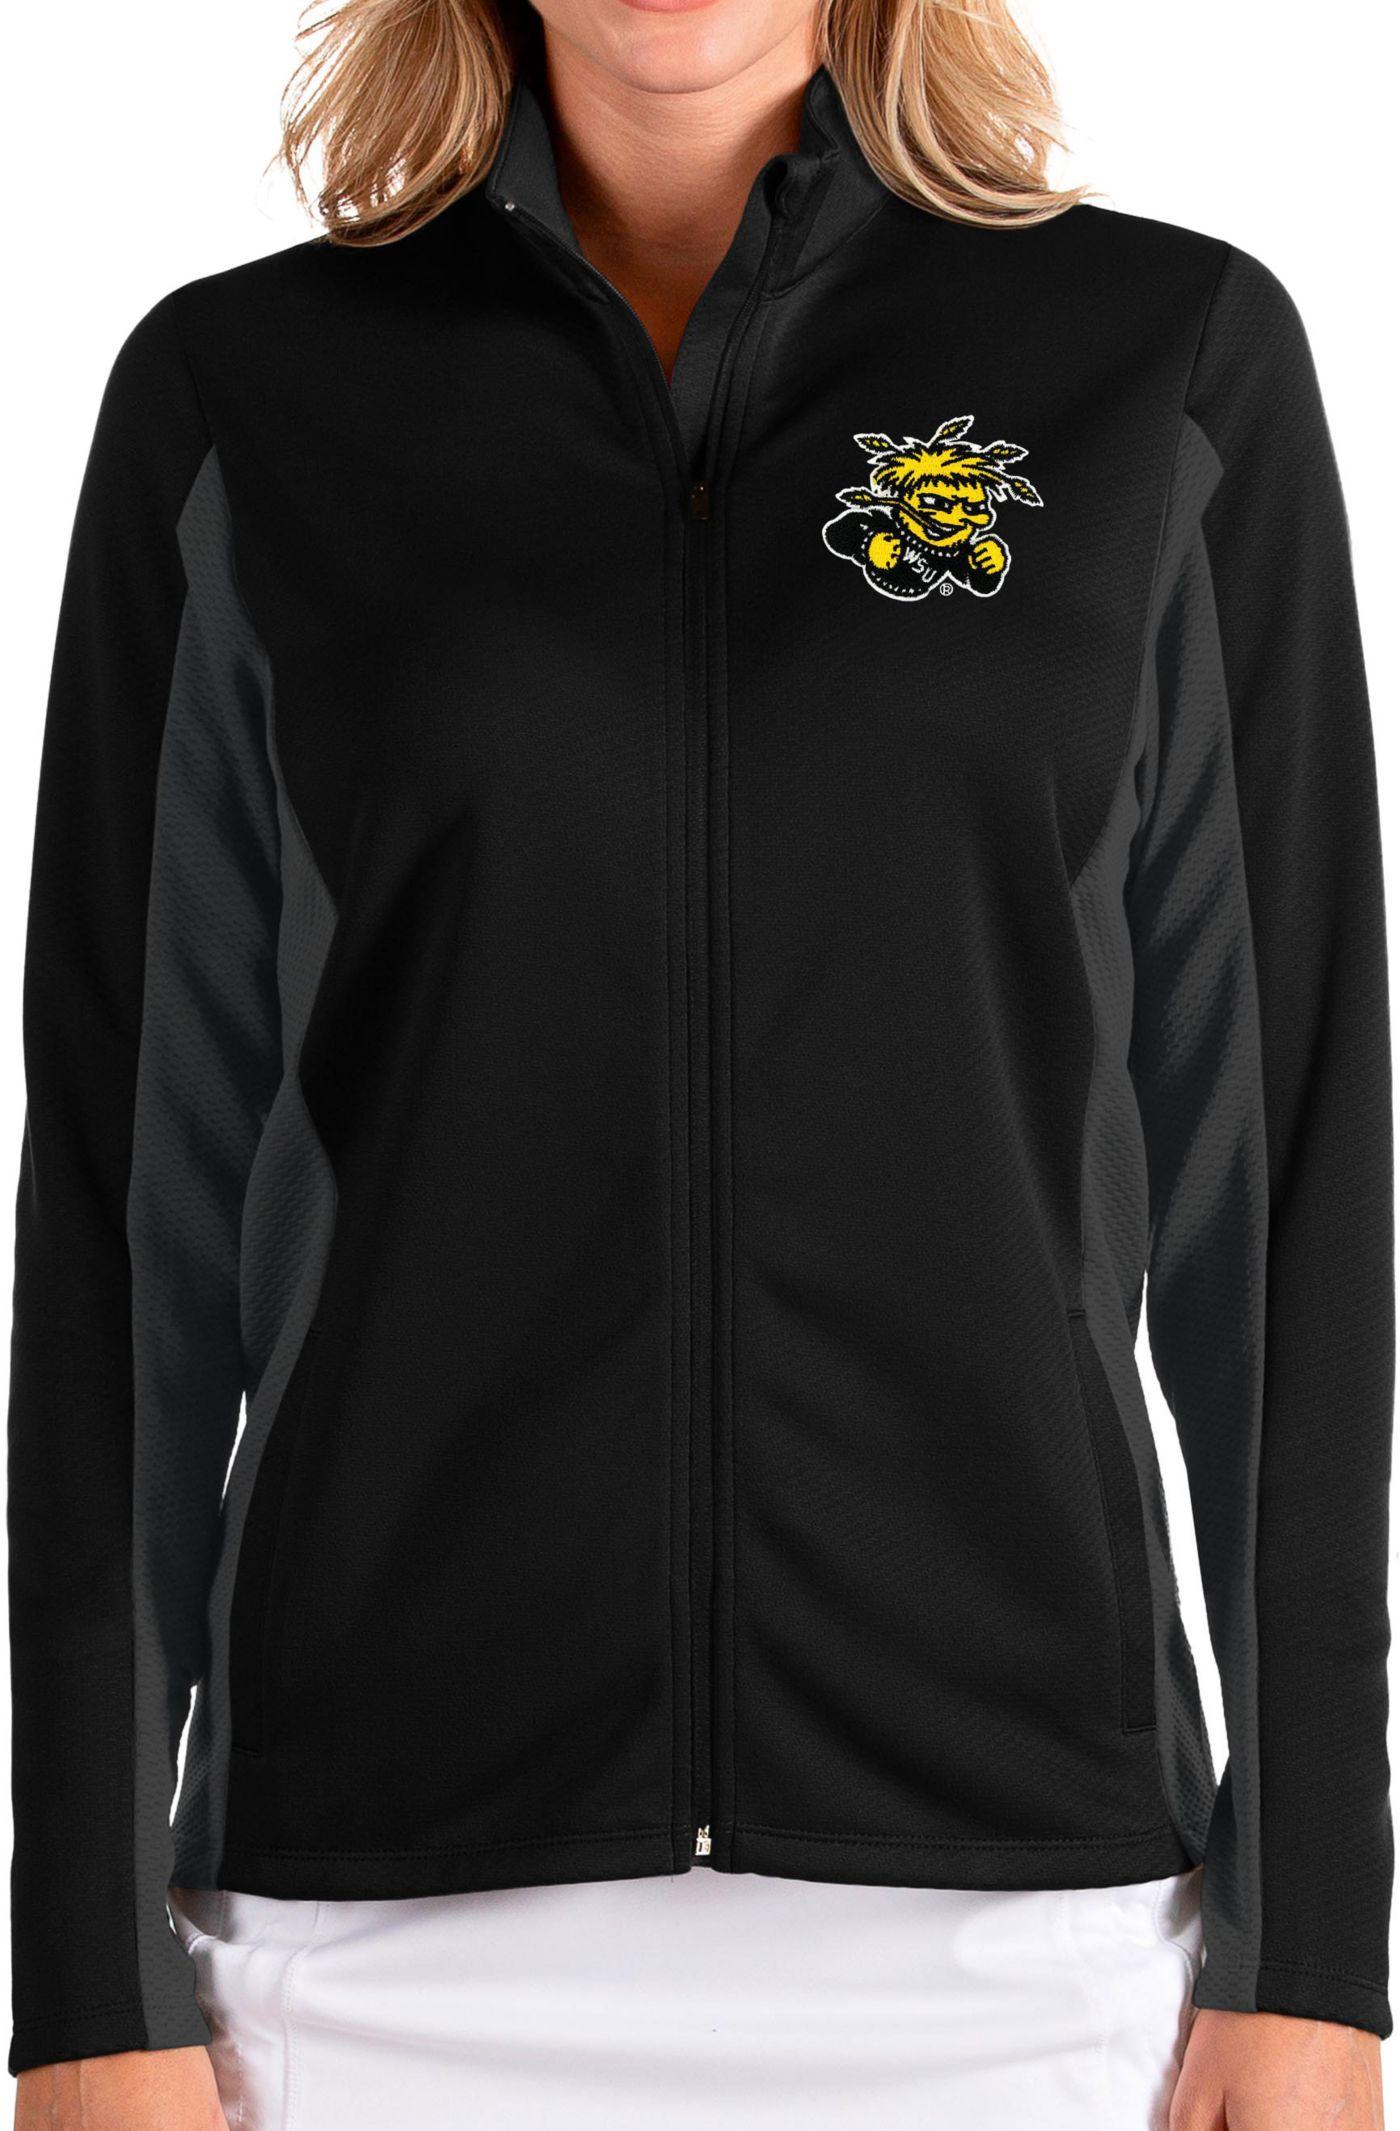 Antigua Women's Wichita State Shockers Passage Full-Zip Black Jacket